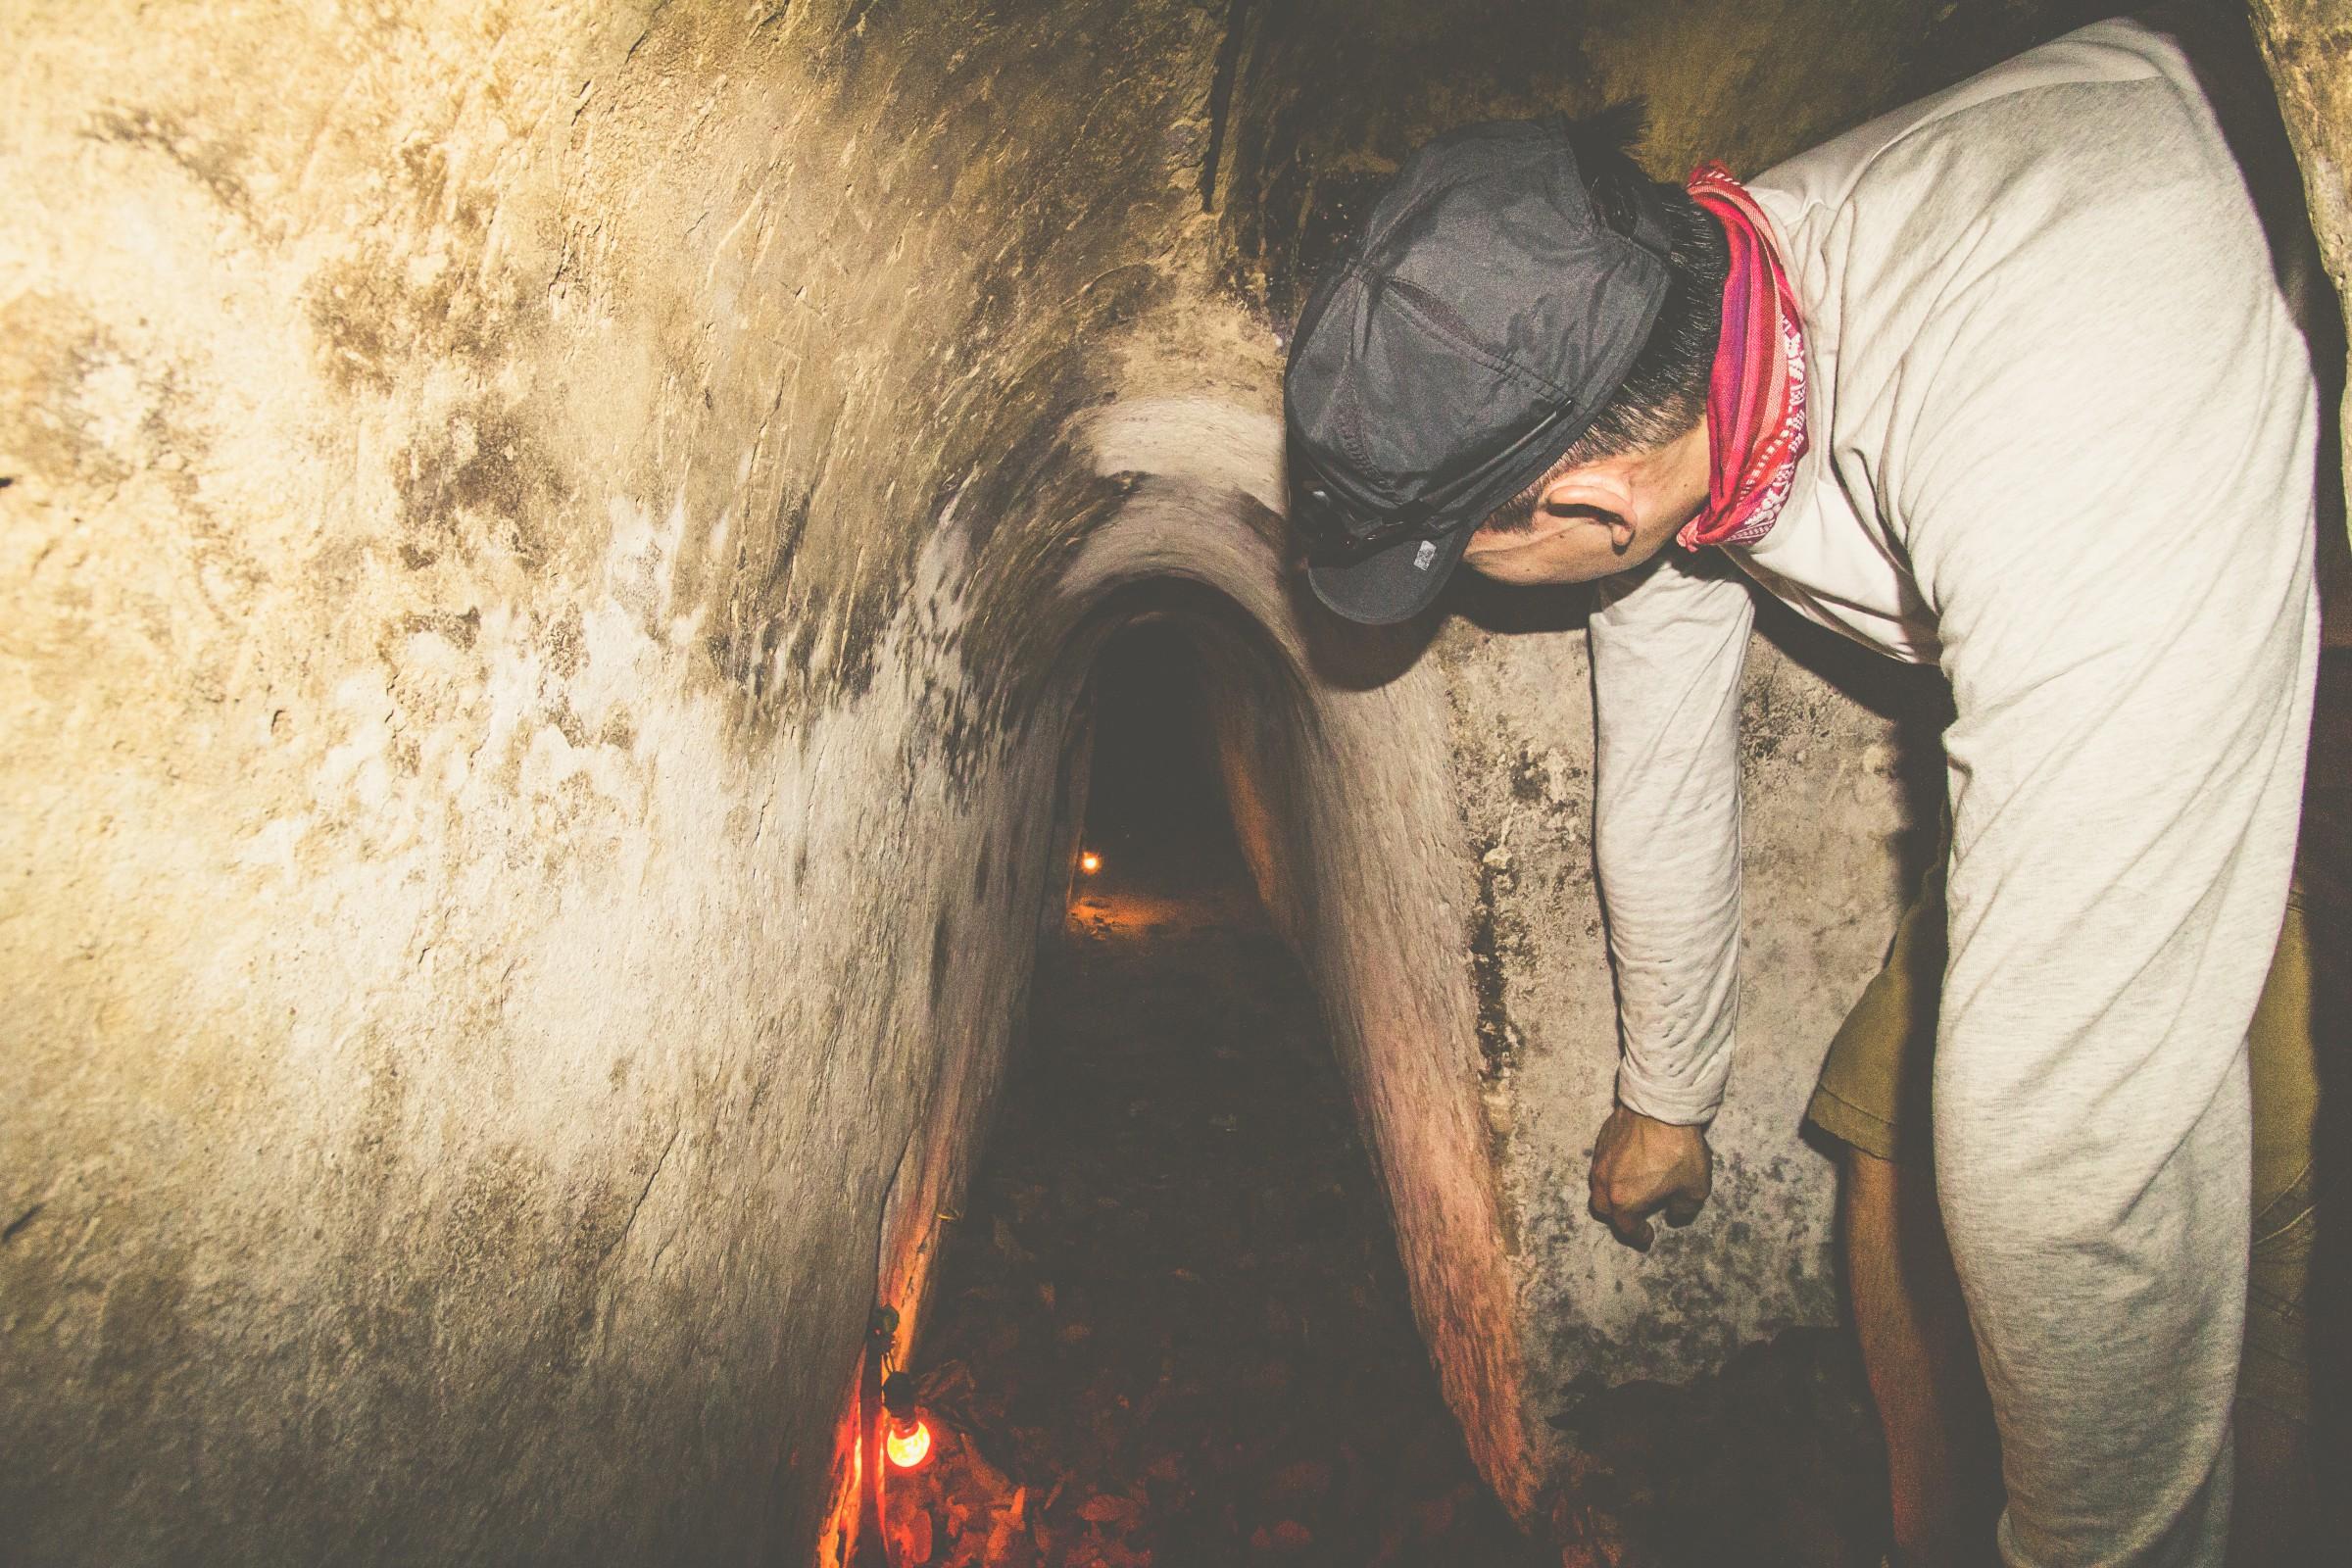 Cu Chi Tunnels - One Week Vietnam